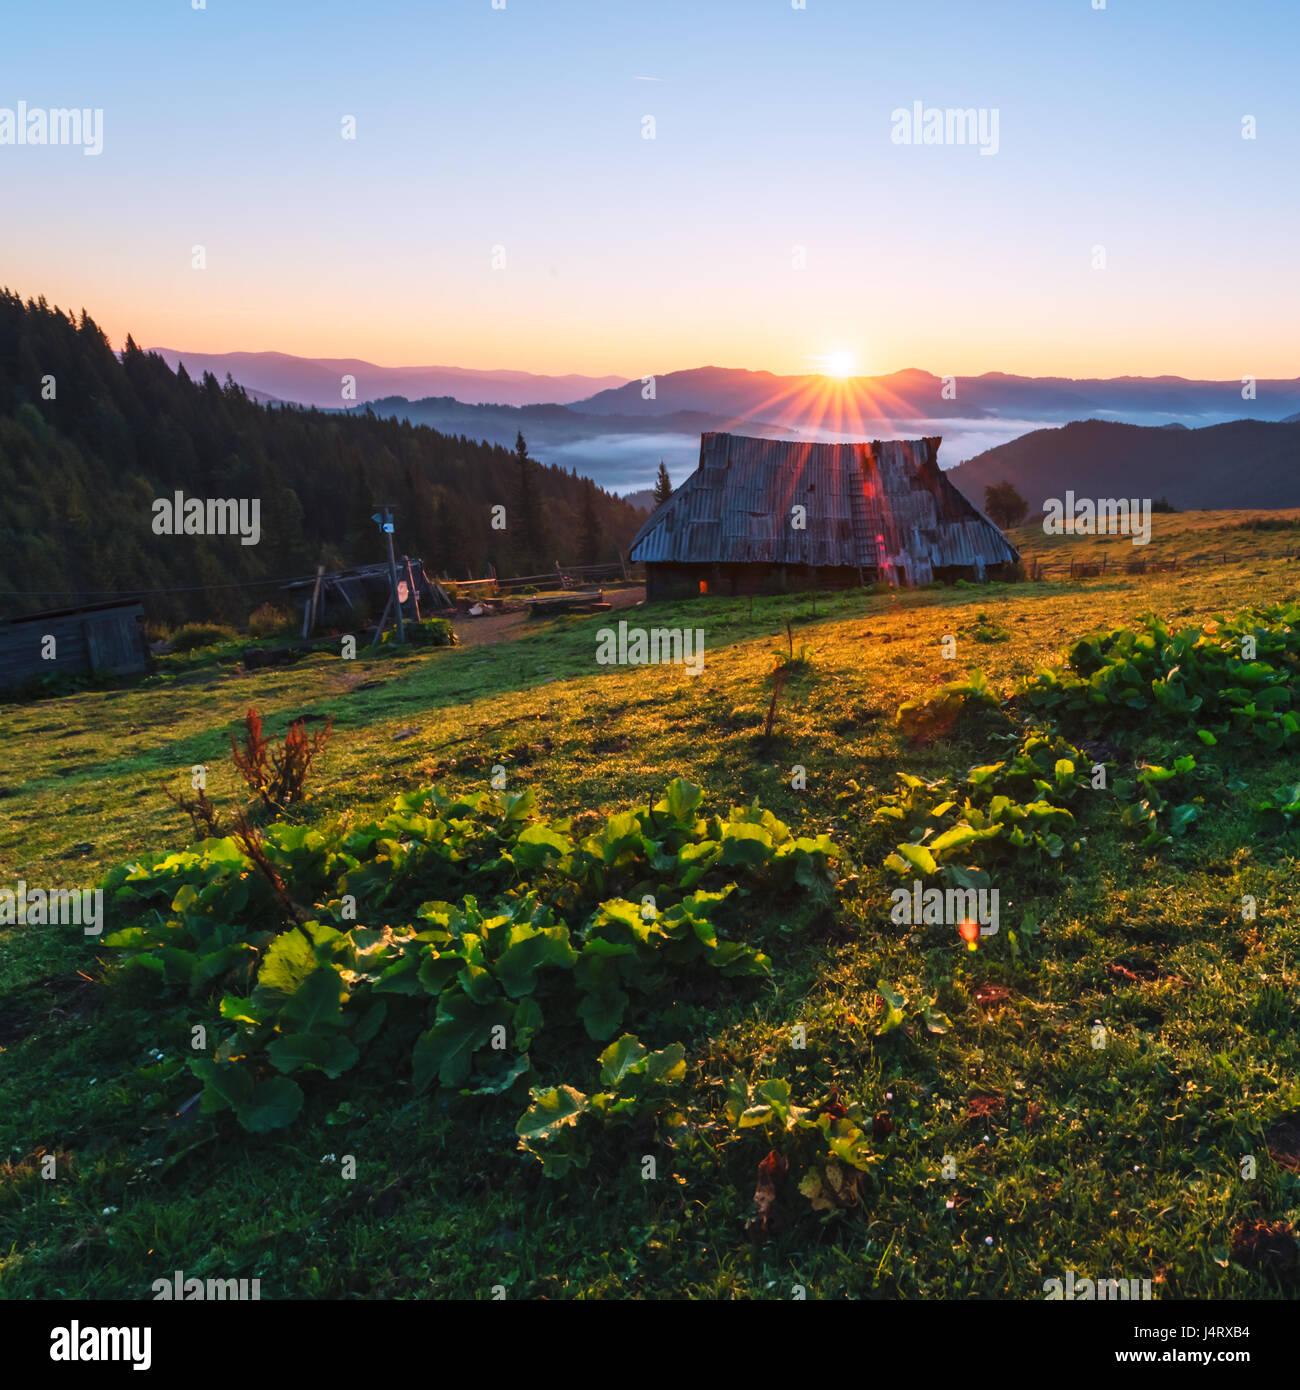 Schäfer-Haus im Hochgebirge. Orange Sunrice Glühen durch Sonnenlicht. Sommerzeit im Hochland Stockfoto